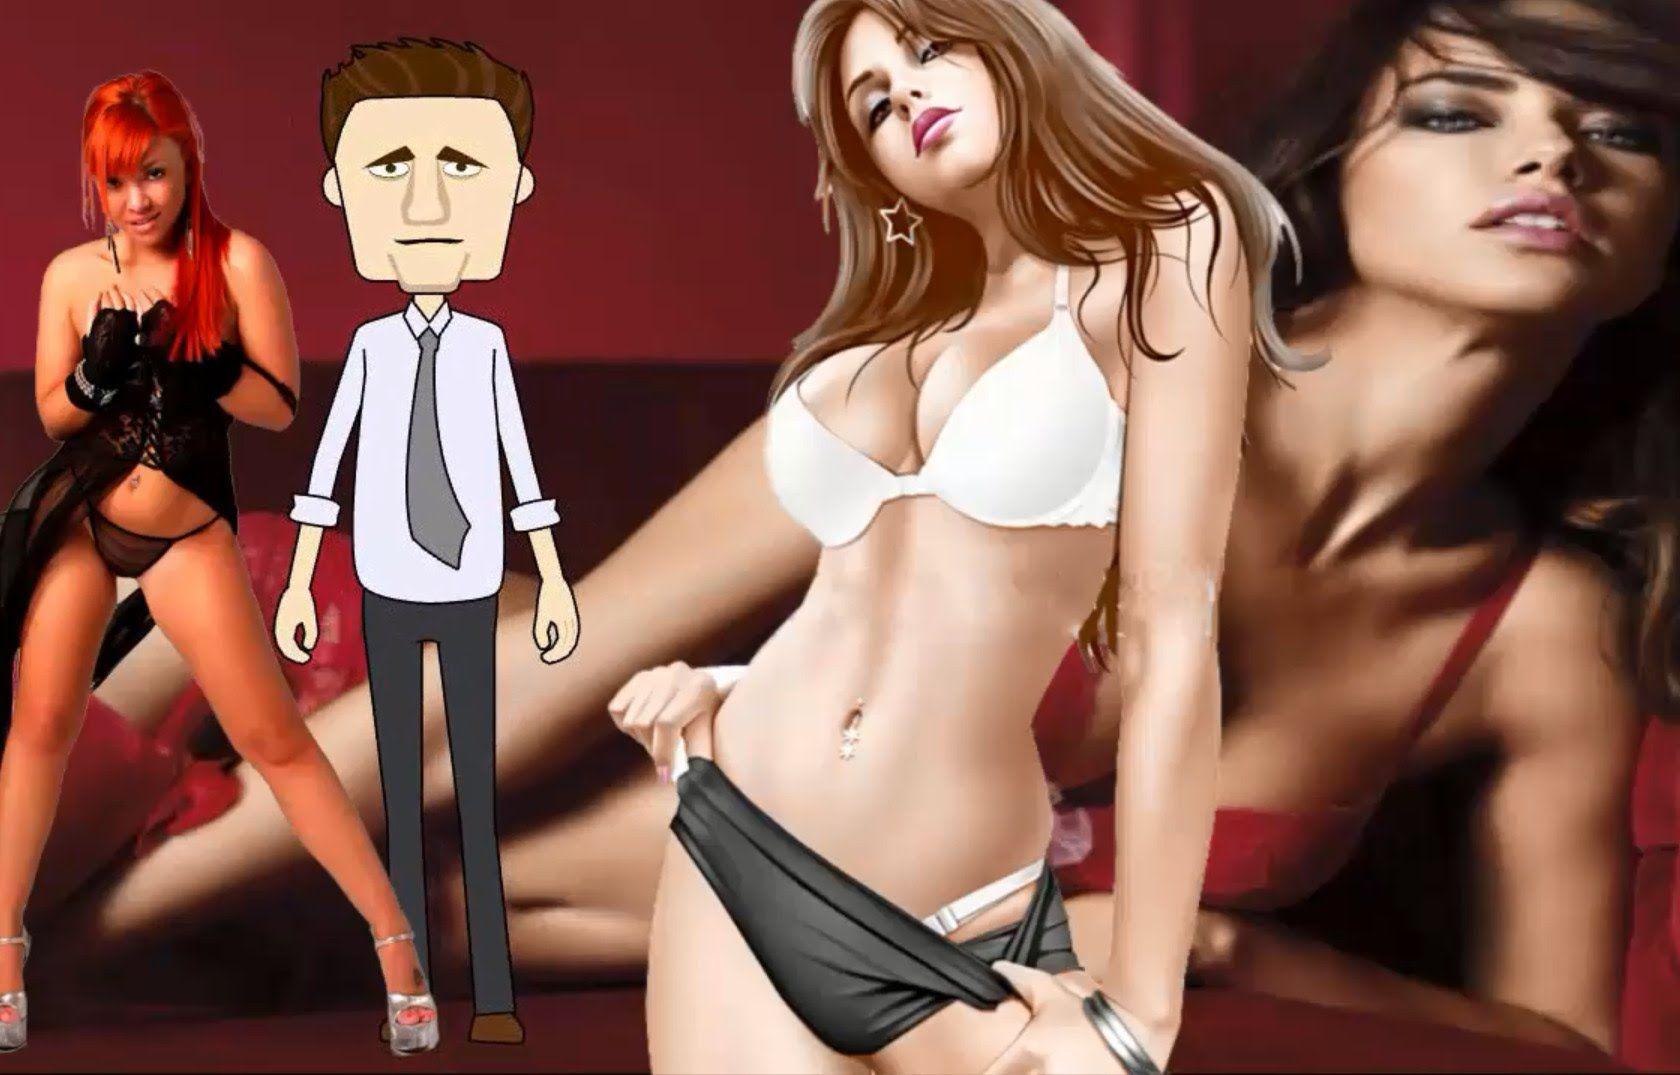 секс длсм мультикиб